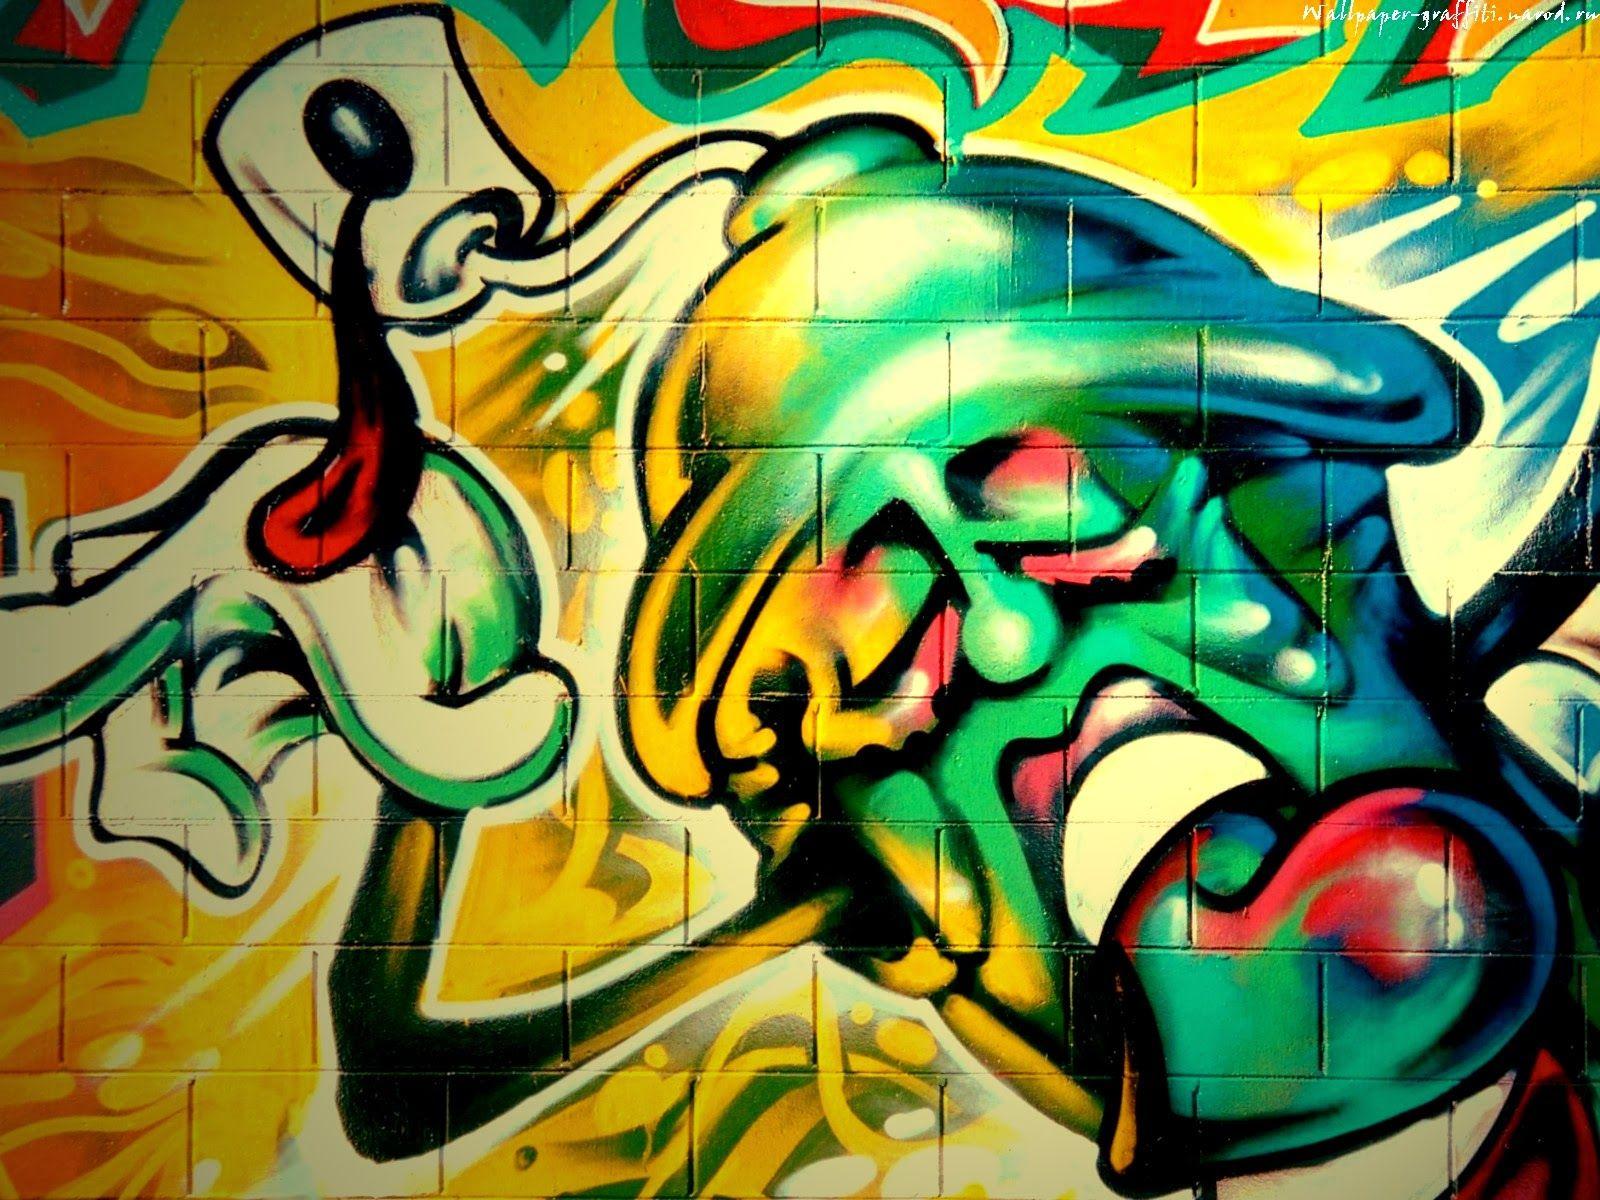 Graffiti wall rubric - Graffiti Creator Styles Graffiti Wallpaper